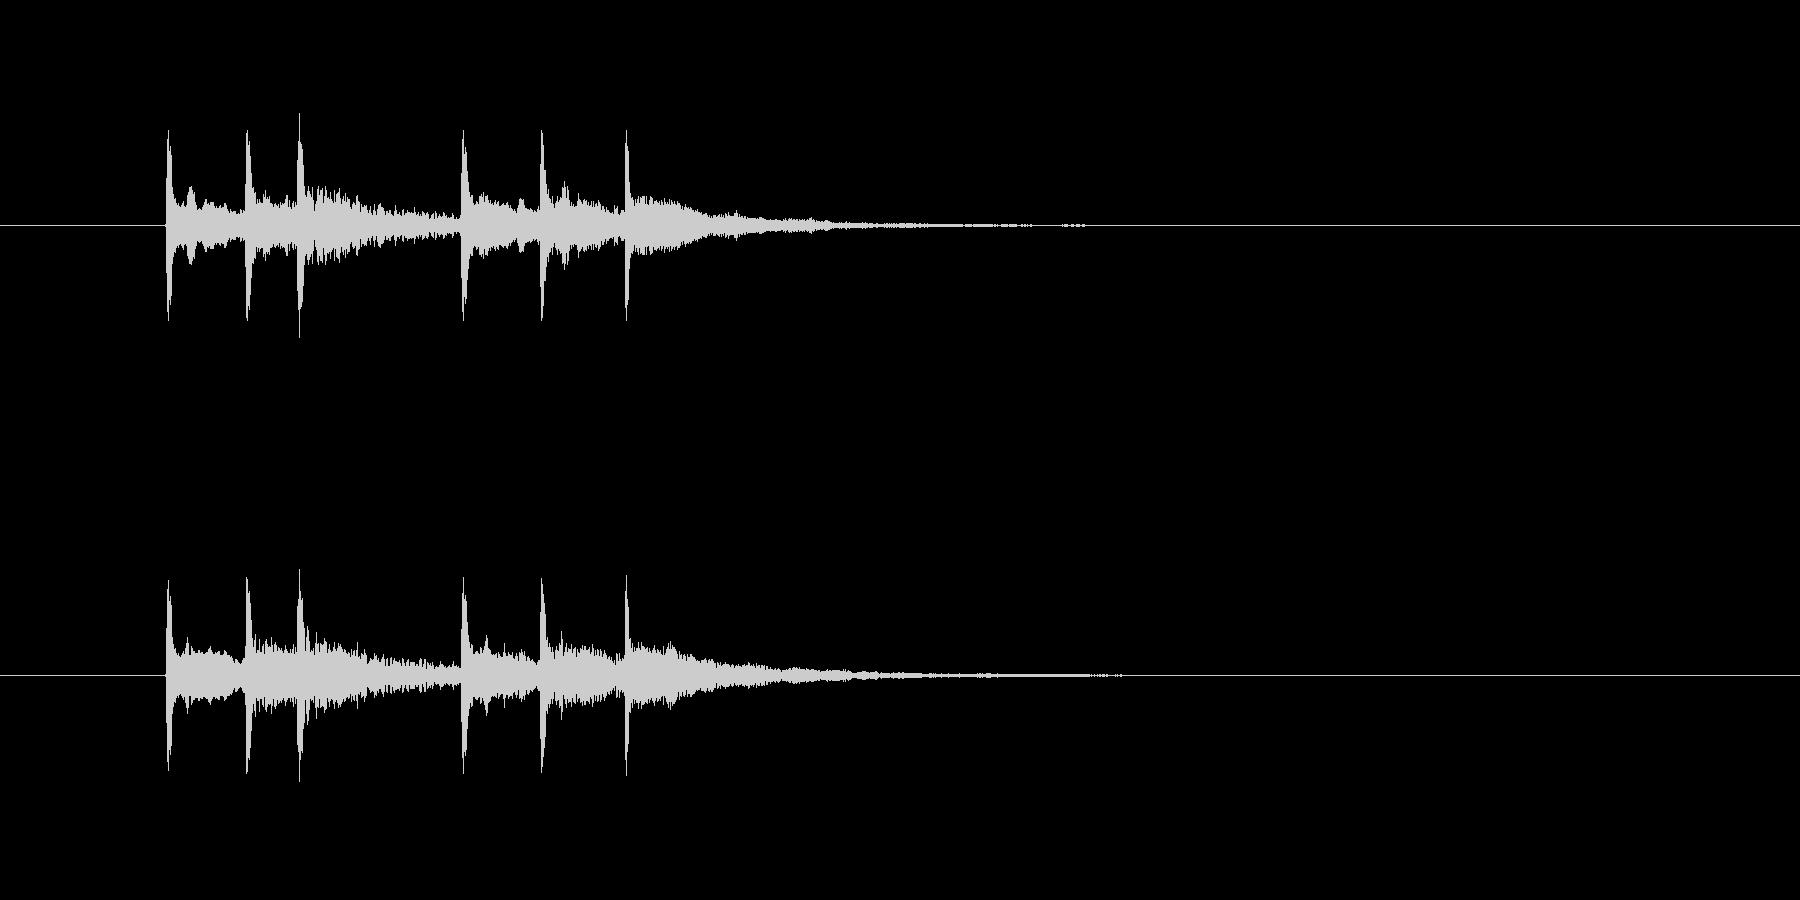 電子マネー音の未再生の波形